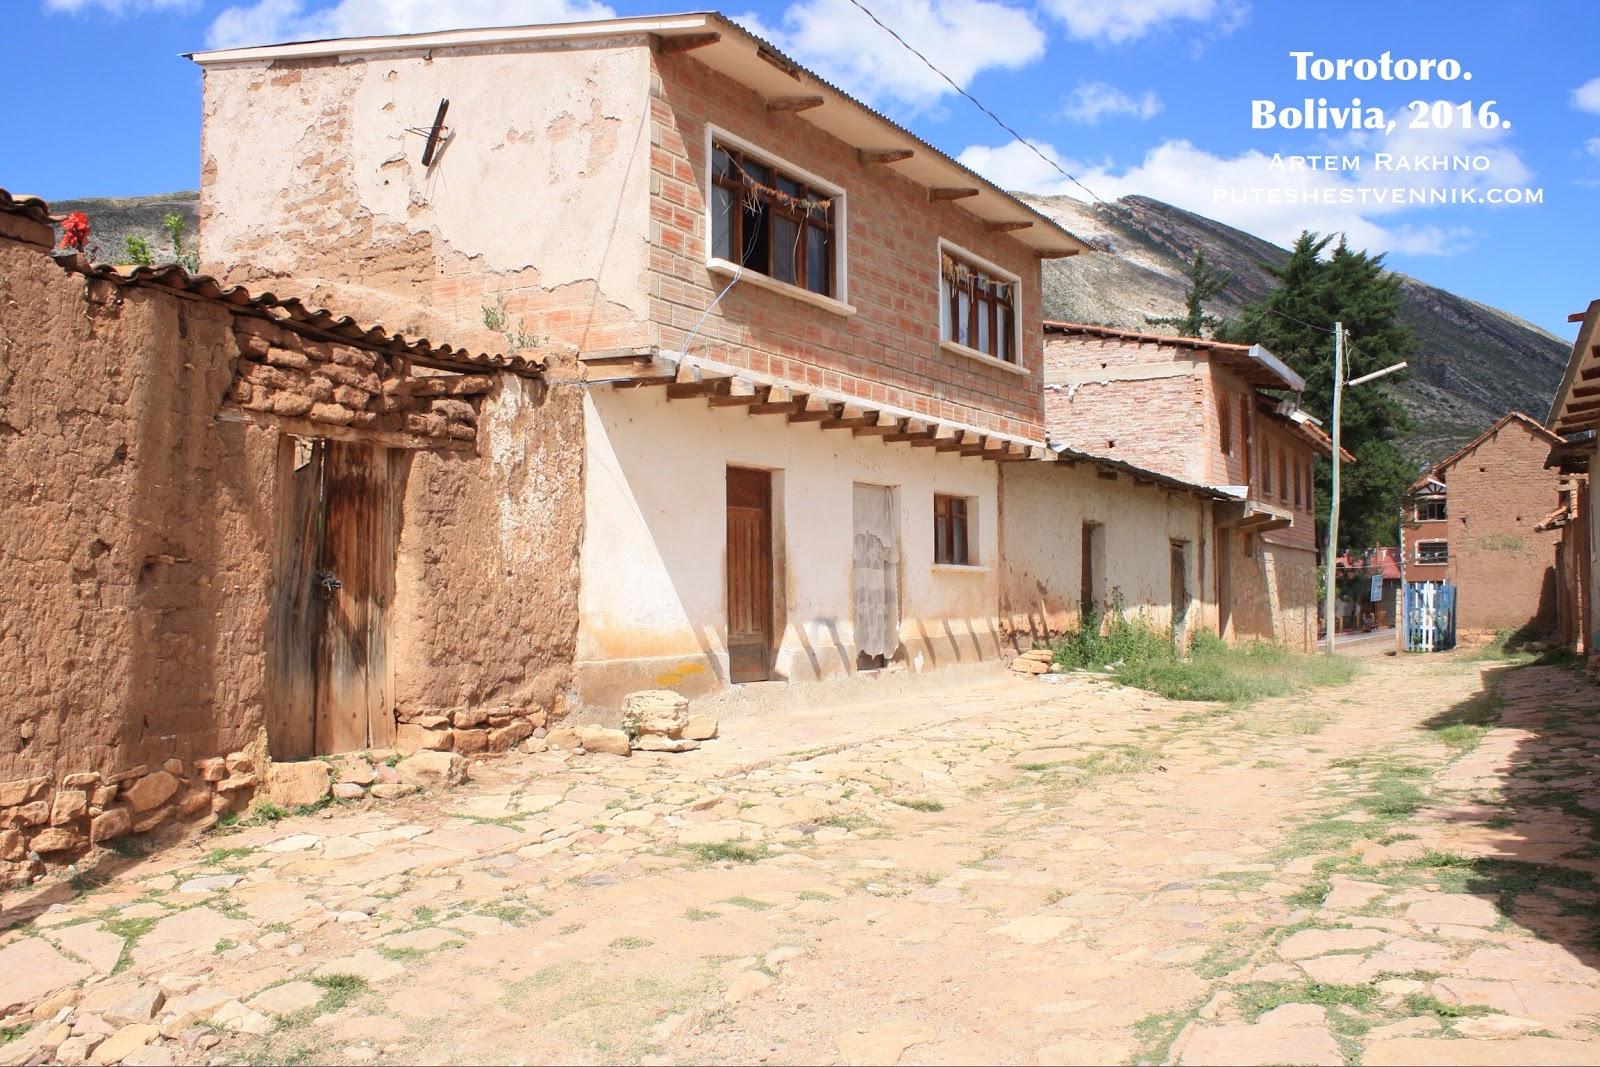 Улица в боливийской деревне